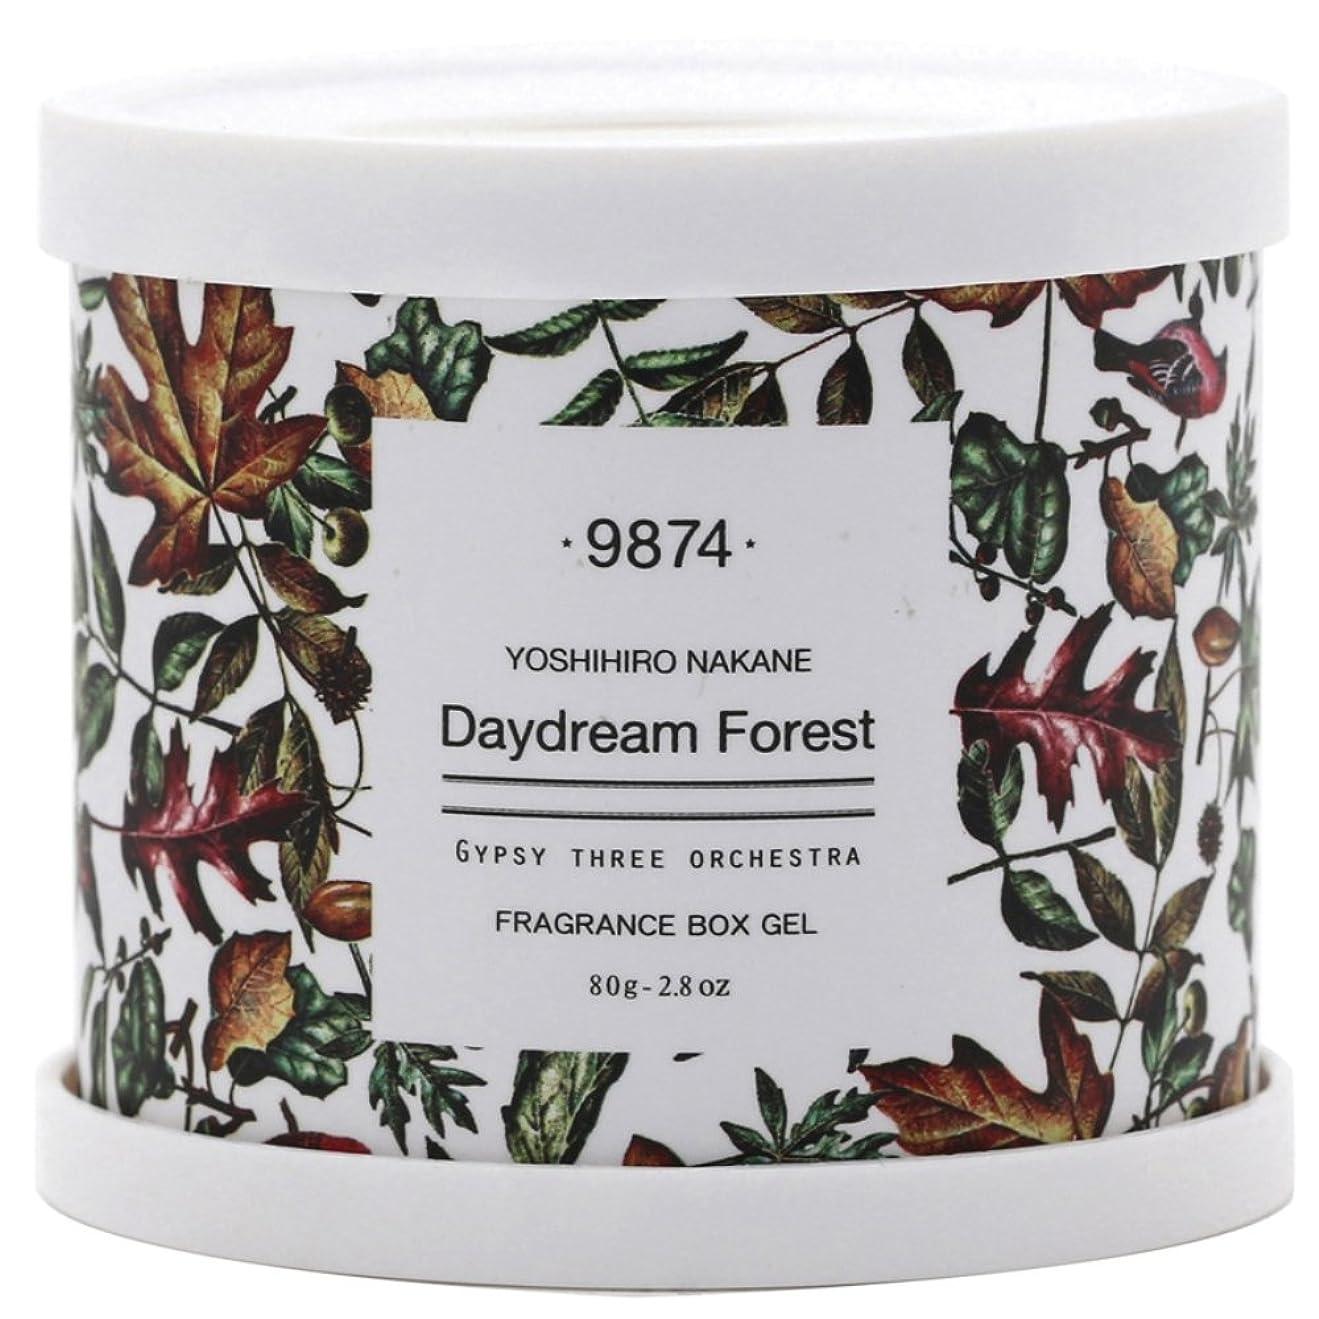 摂氏恥事前ノルコーポレーション 芳香剤 GYPSY THREE ORCHESTRA × YOSHIHIRO NAKANE フレグランスボックスジェル 80g DAYDREAM FOREST OA-GOF-2-3